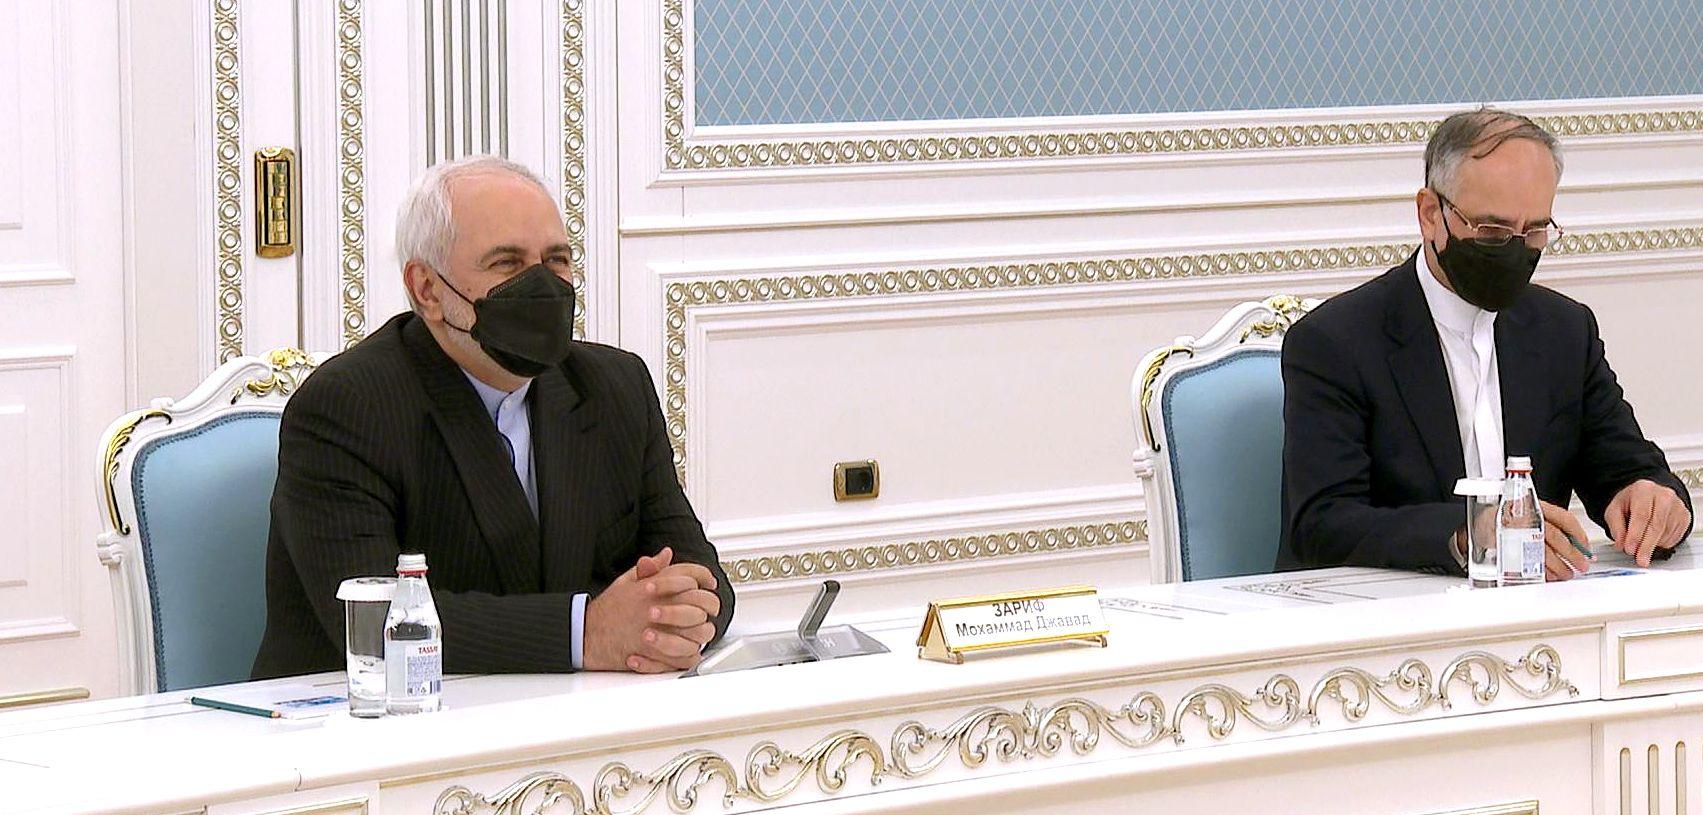 Президента пригласили посетить Иран с официальным визитом 690049 - Kapital.kz